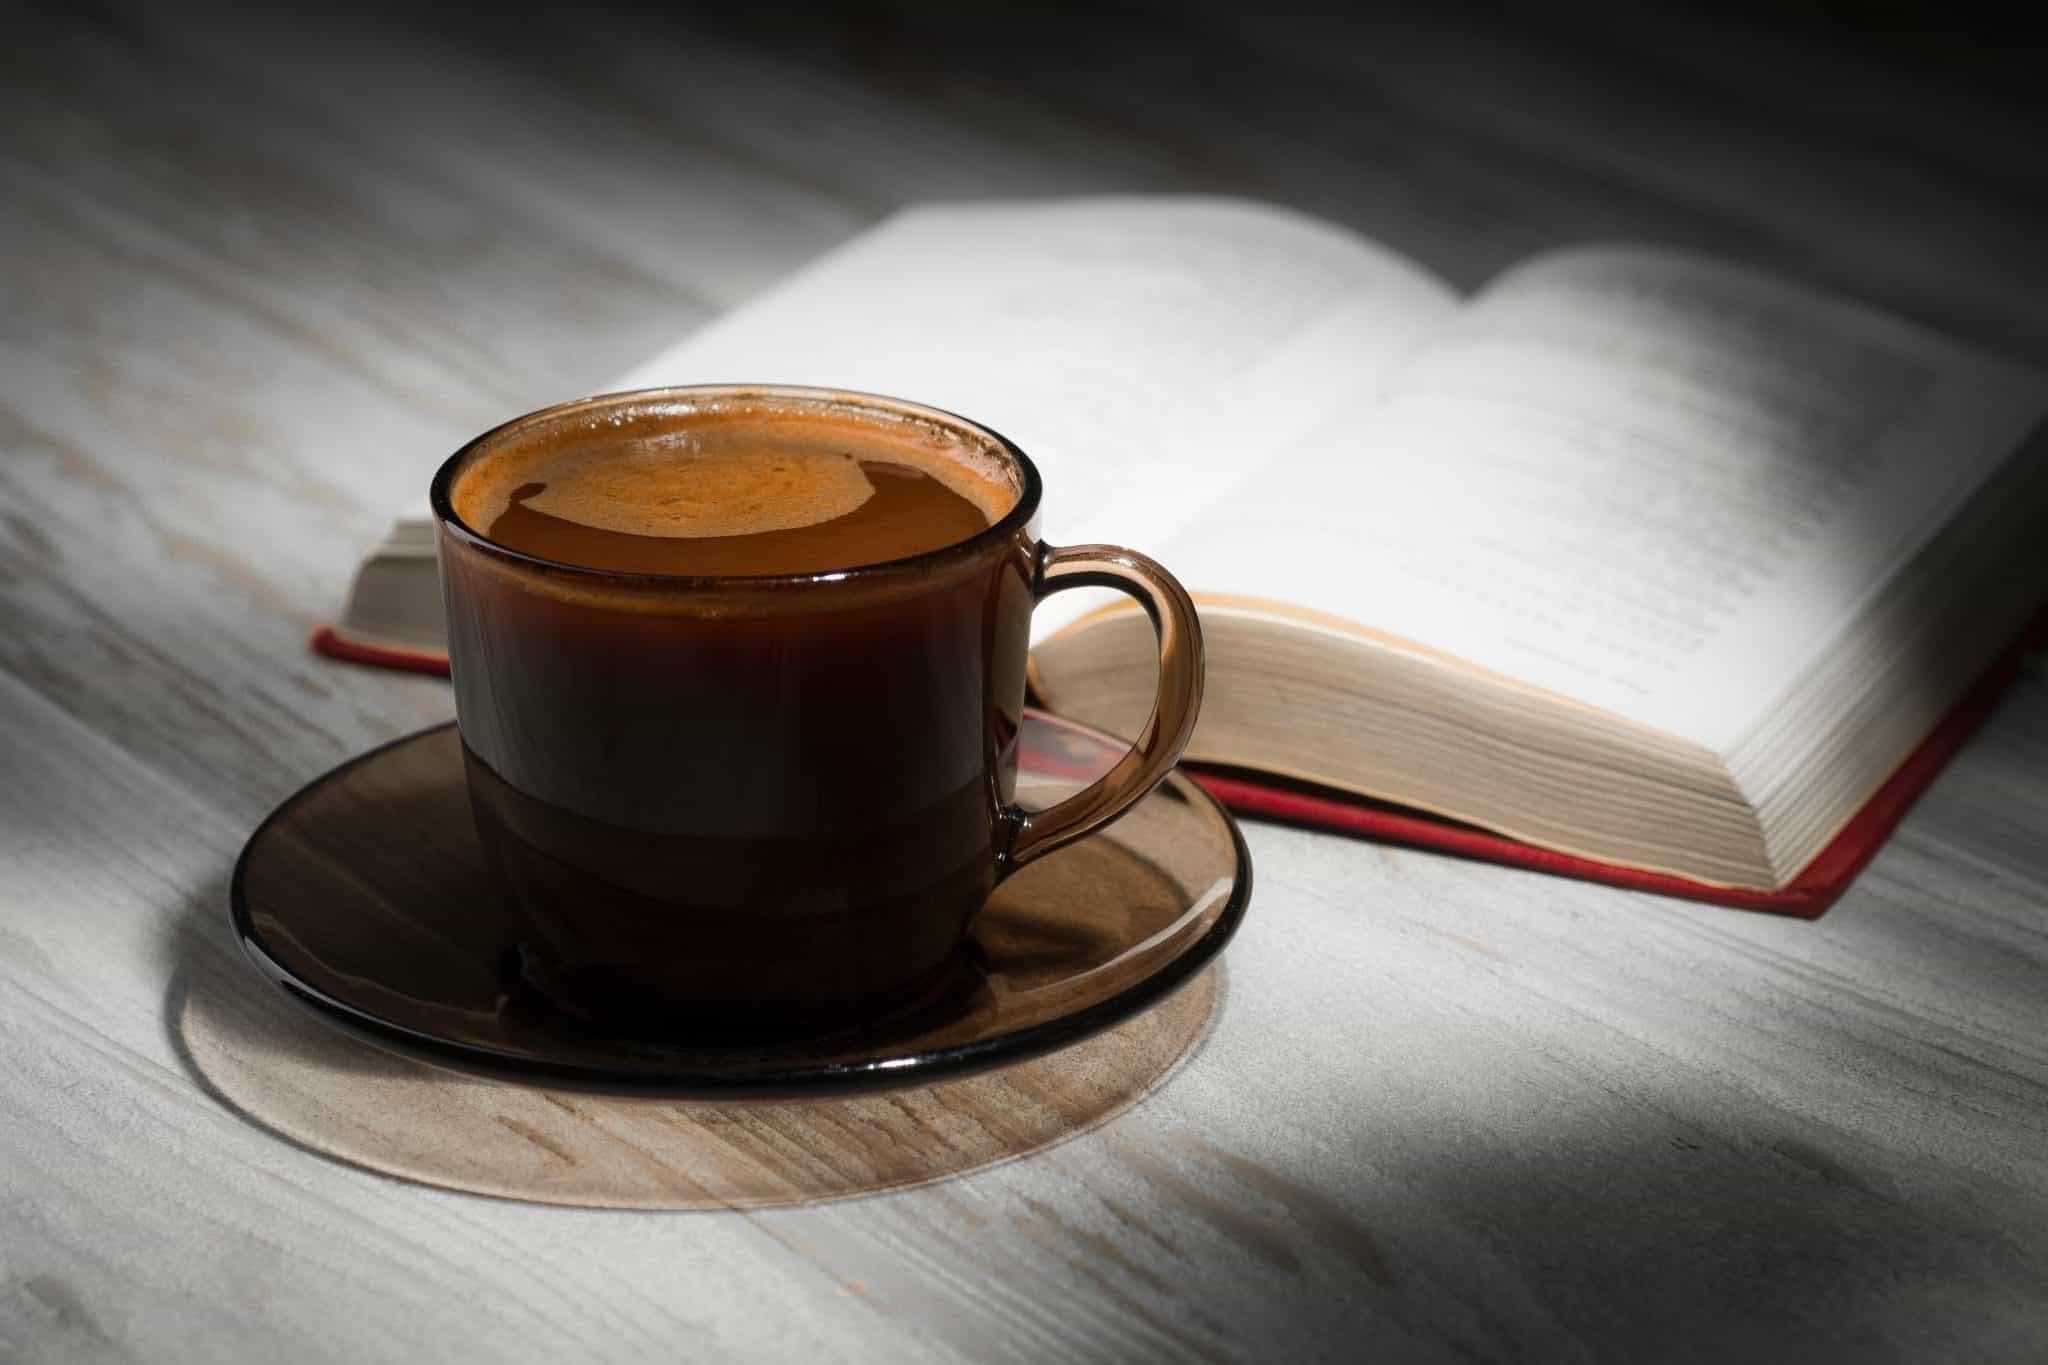 קפה עם הספר? צילום shutterstock